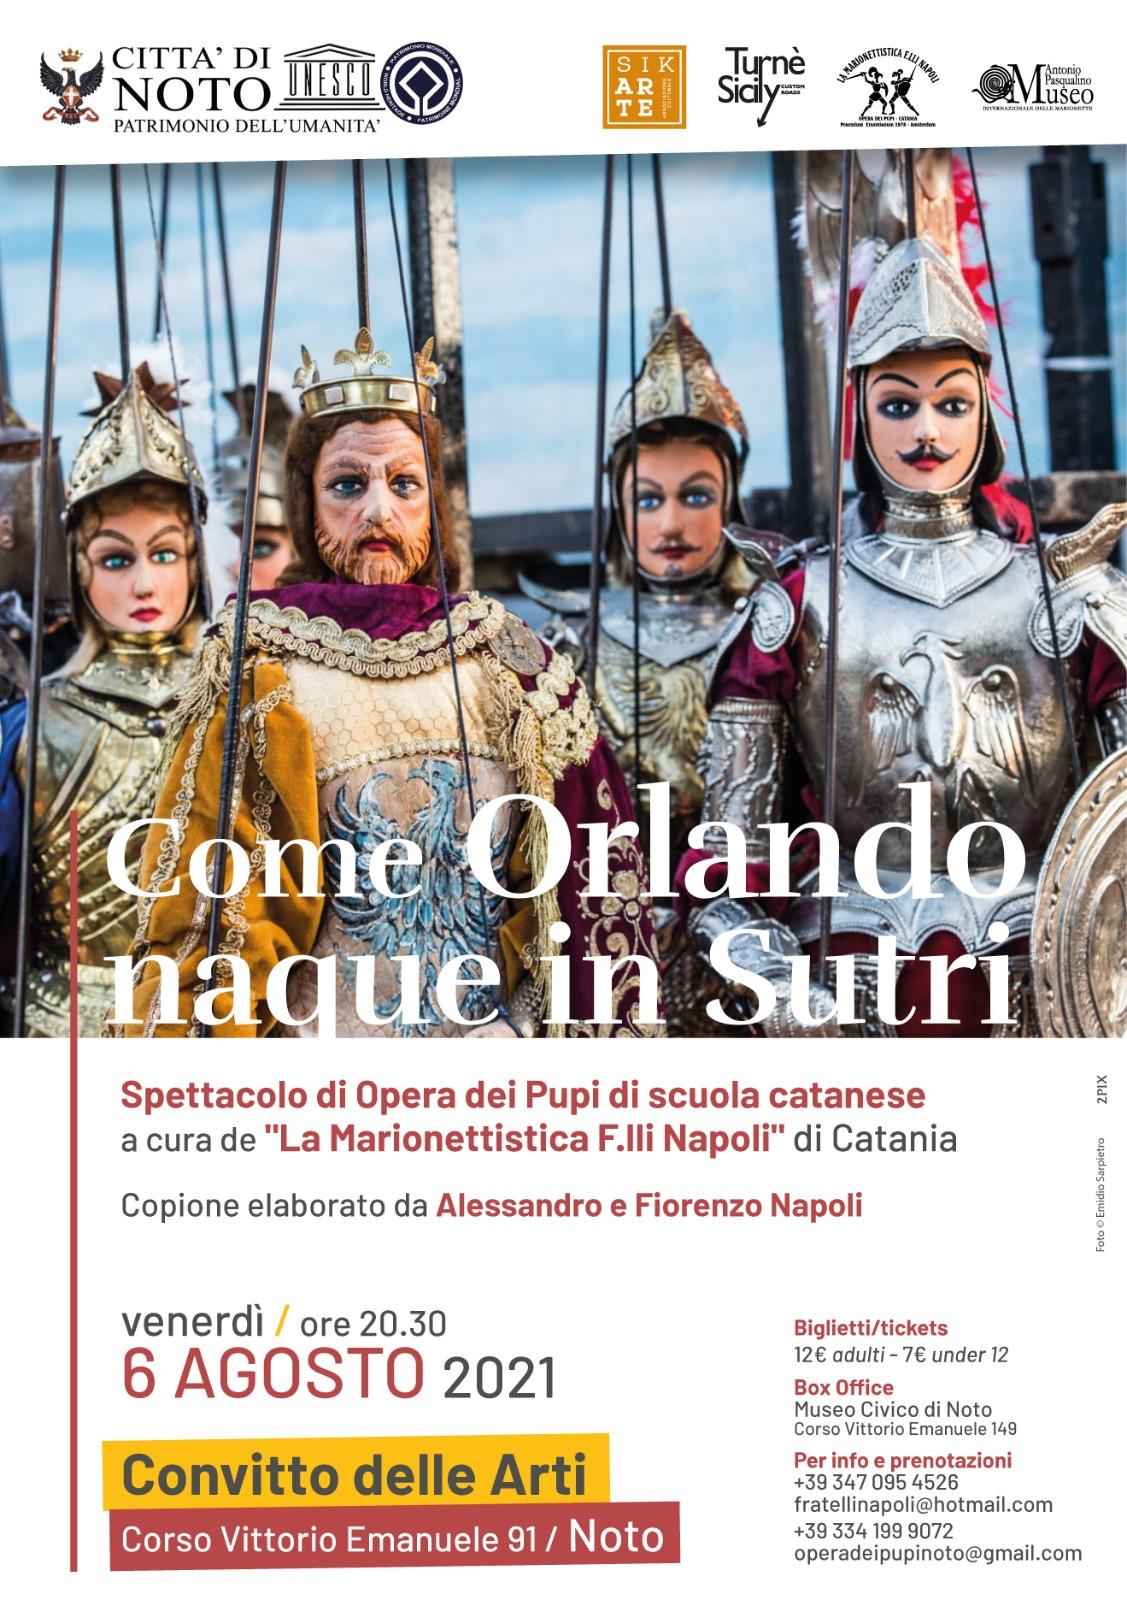 4.Locandina_Come_Orlando_nacque_in_Sutri._6_agosto.jpg - 456.77 kB